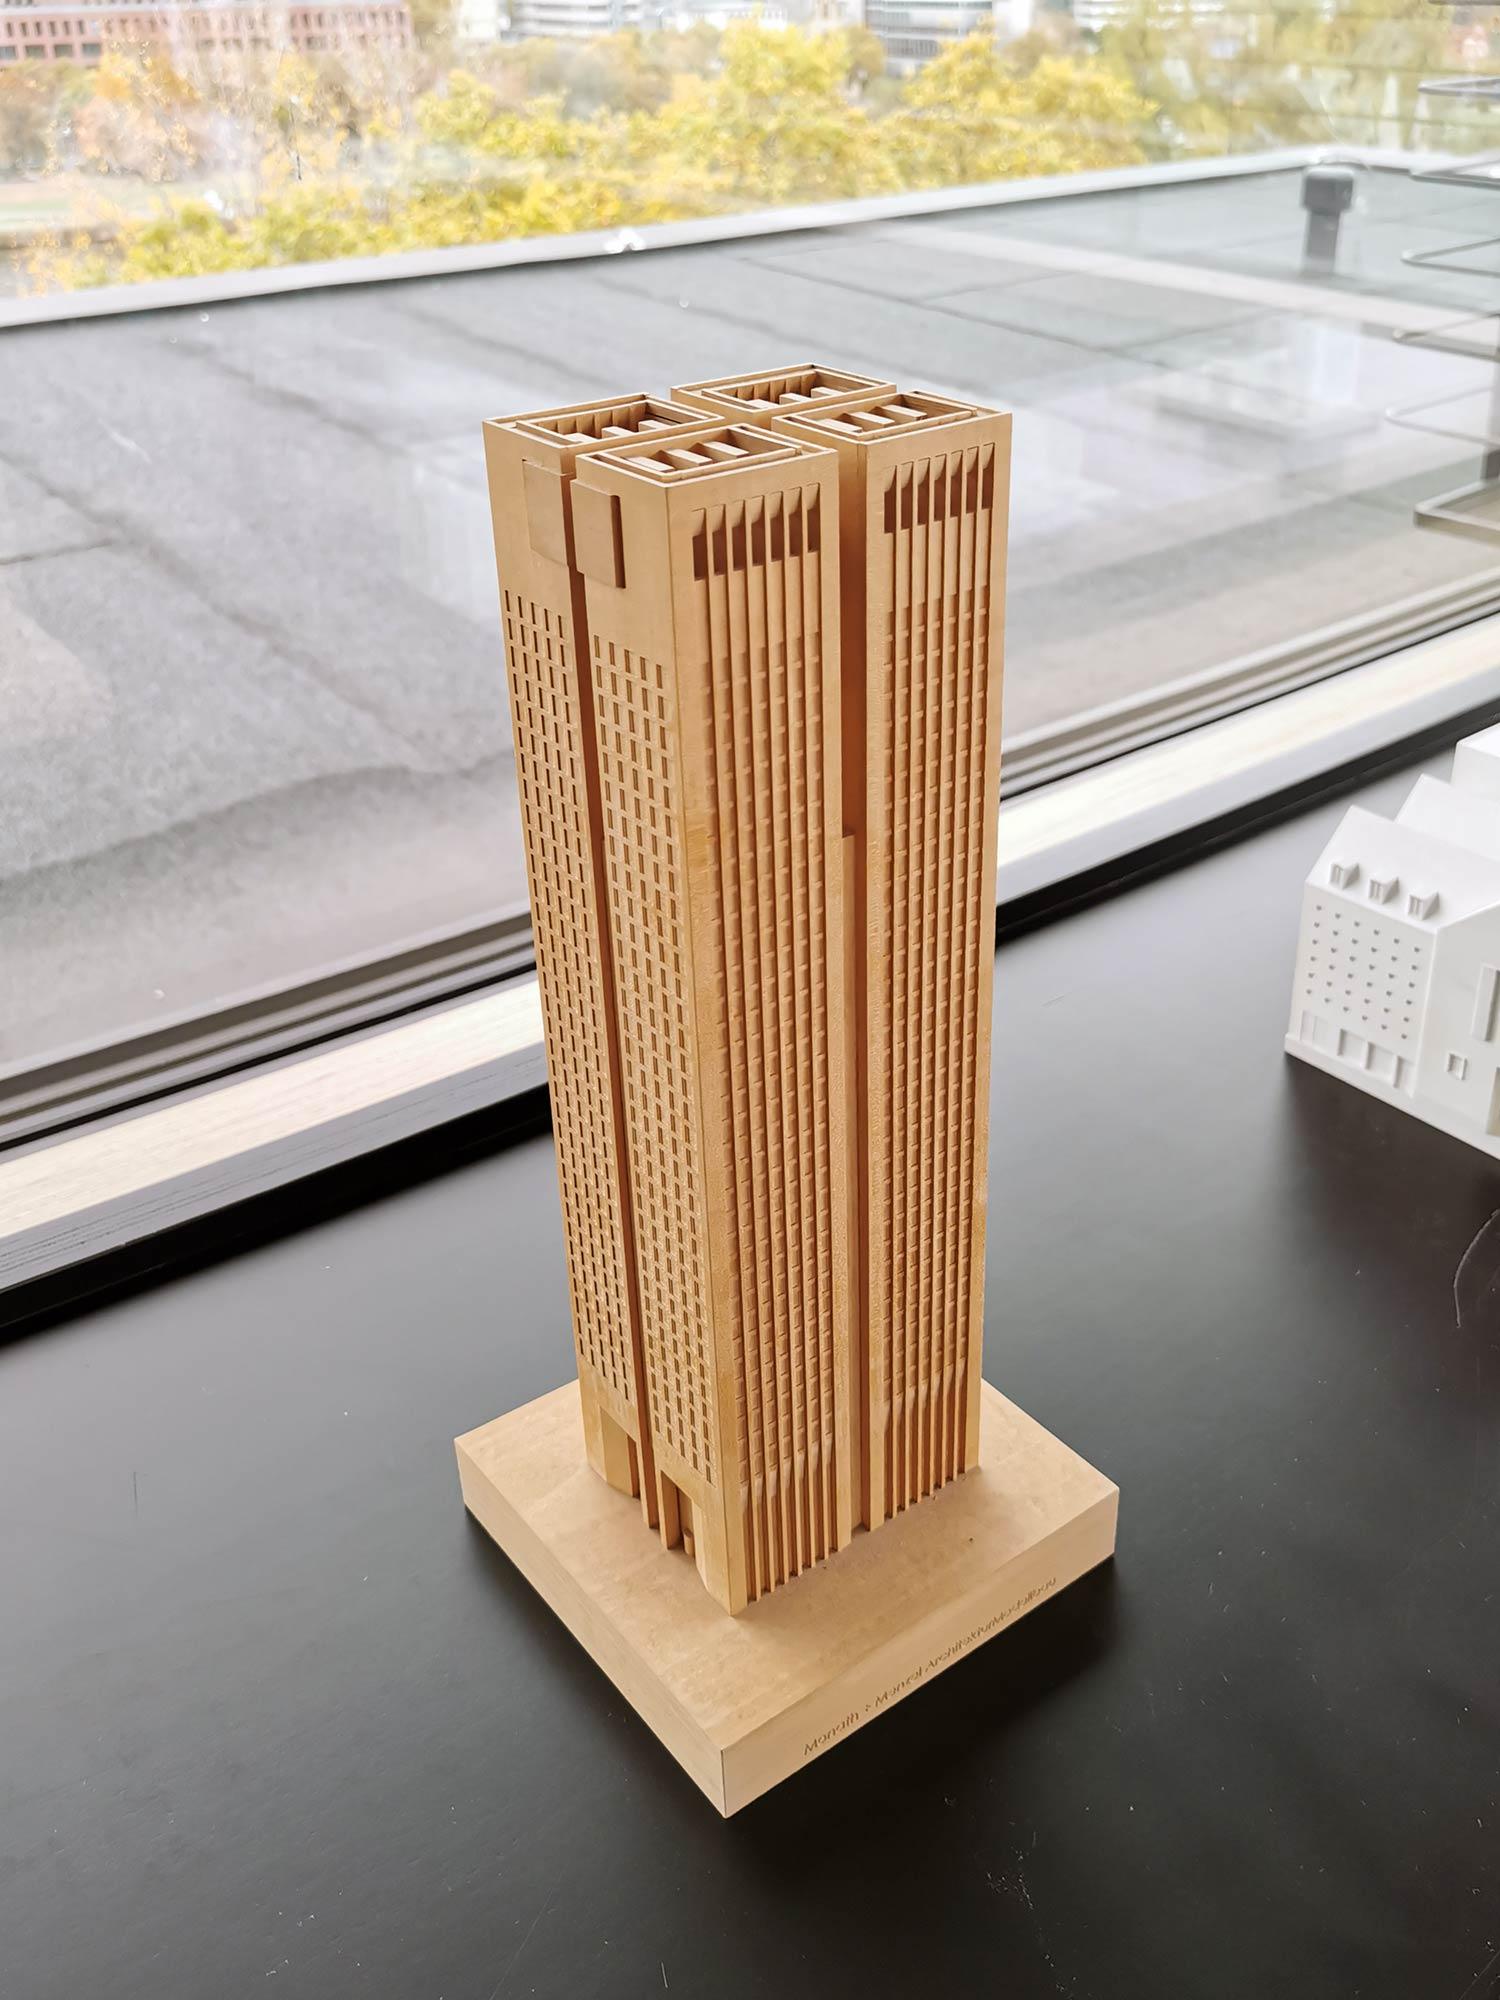 OpernTurm Frankfurt - Entworfen von Prof. Christoph Mäckler - Modell des Hochhauses im Büro von MÄCKLERARCHITEKTEN